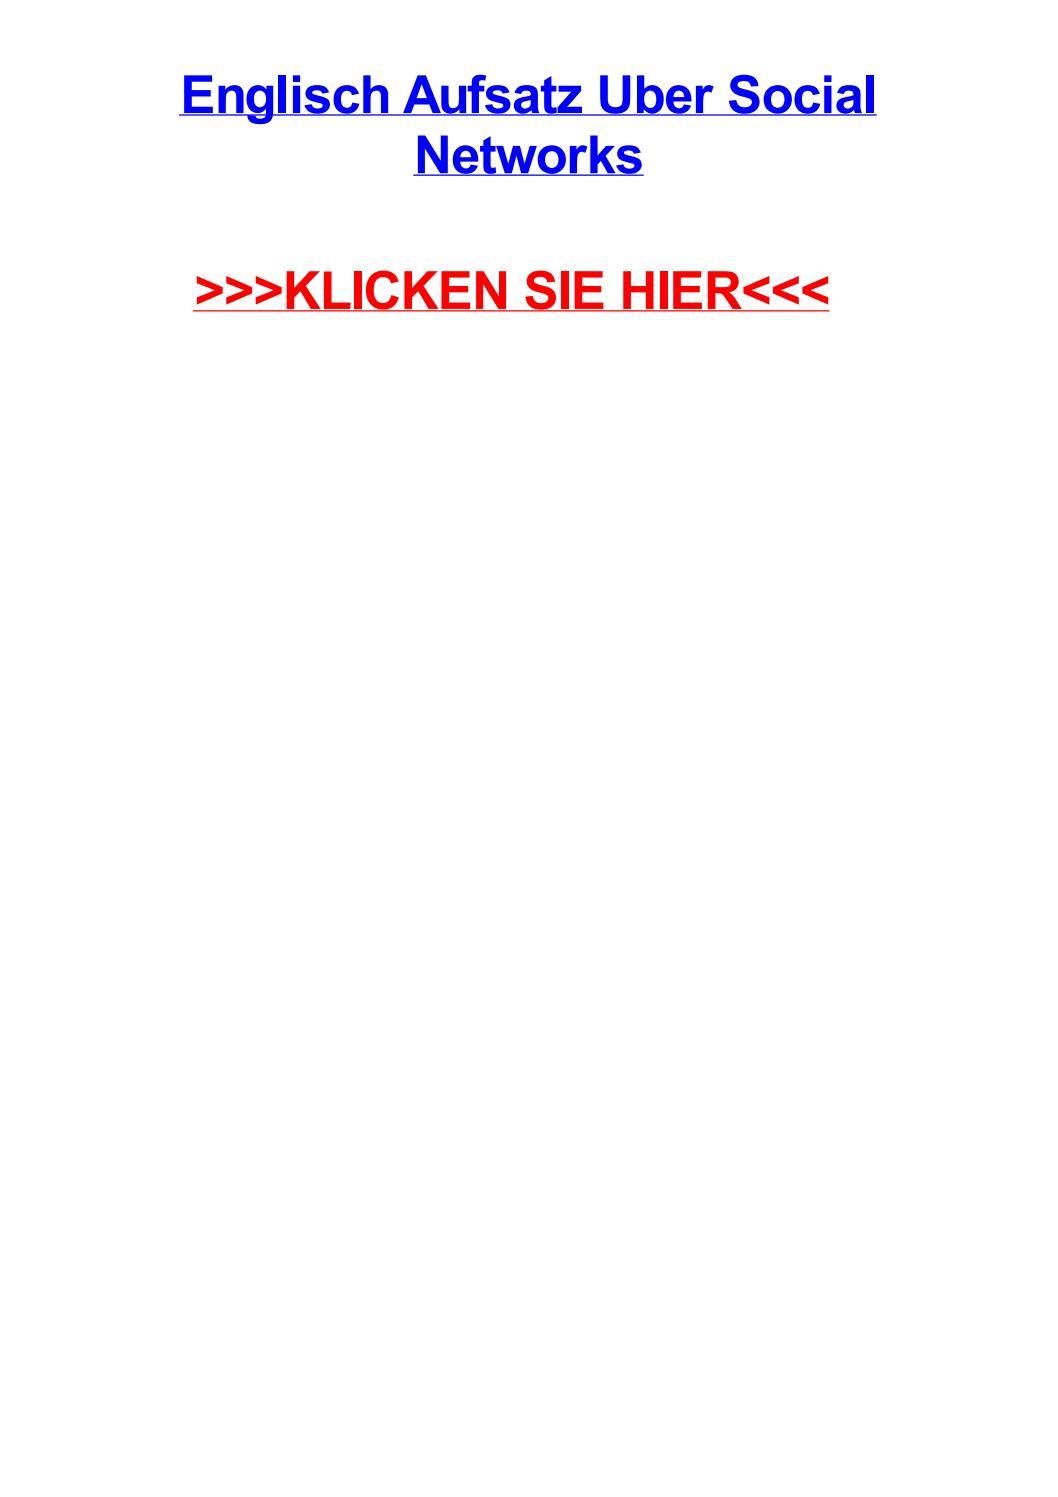 Roland schweiger dissertation